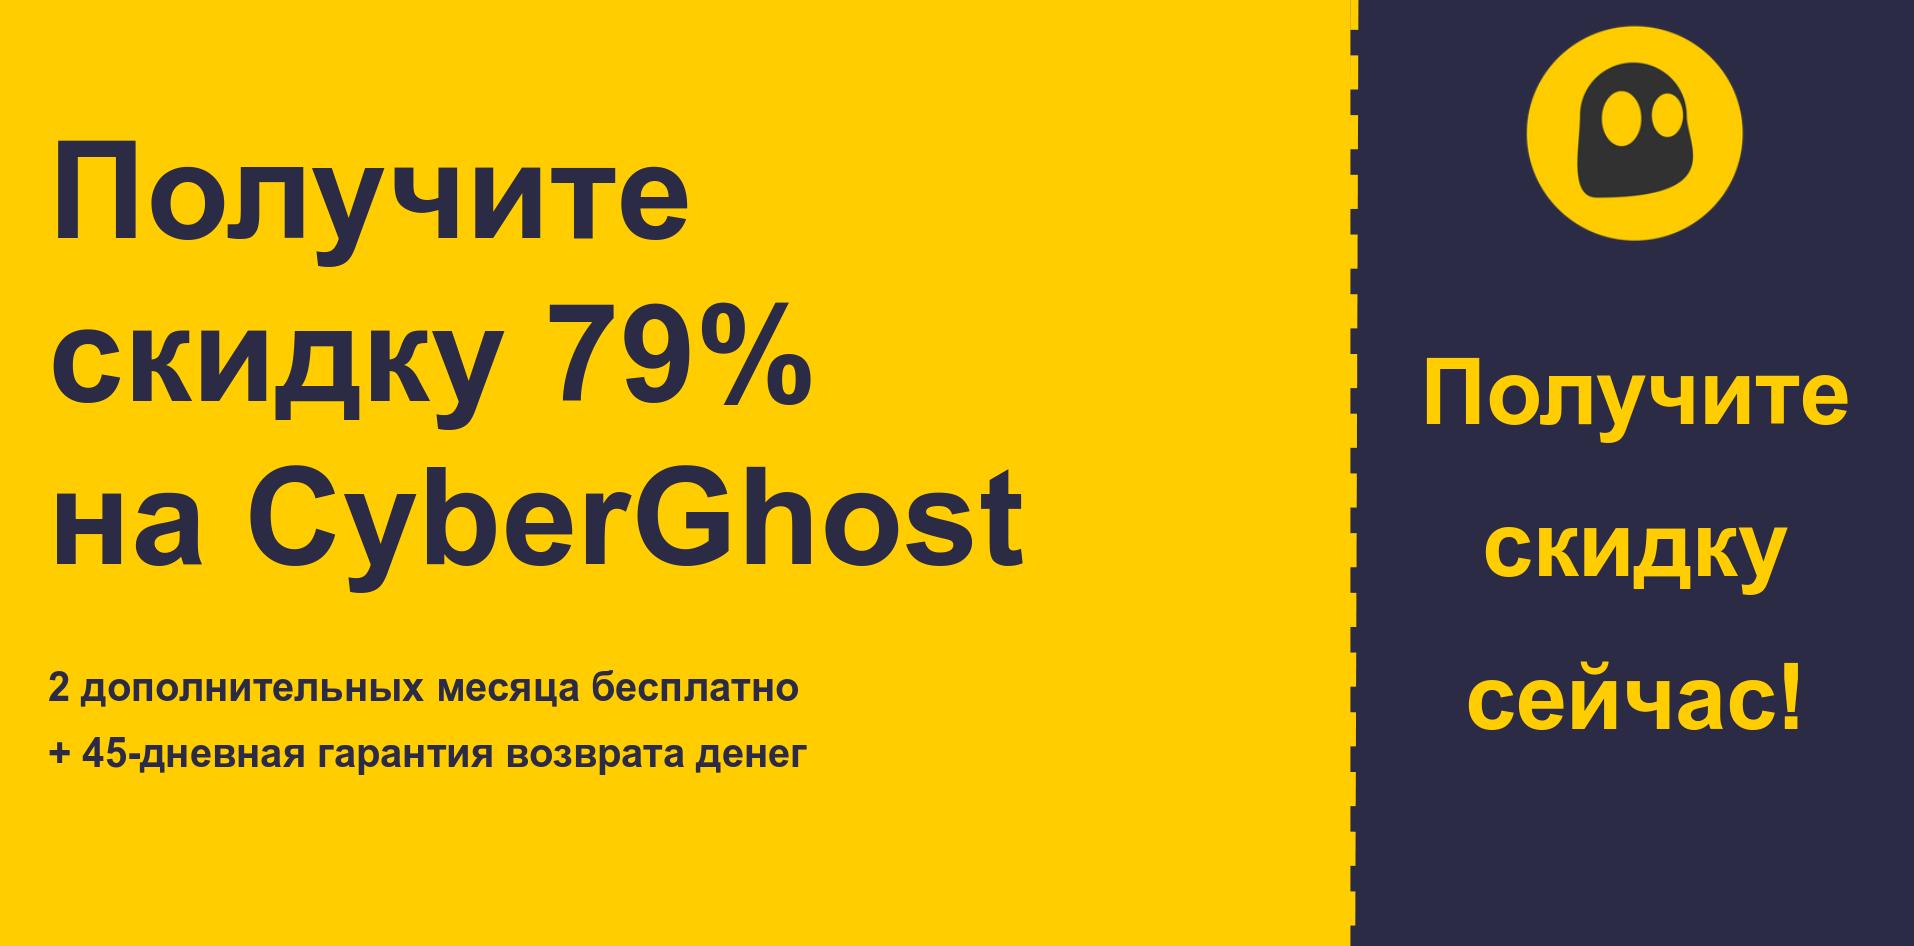 изображение баннера основного купона CyberGhostVPN с 79% скидкой